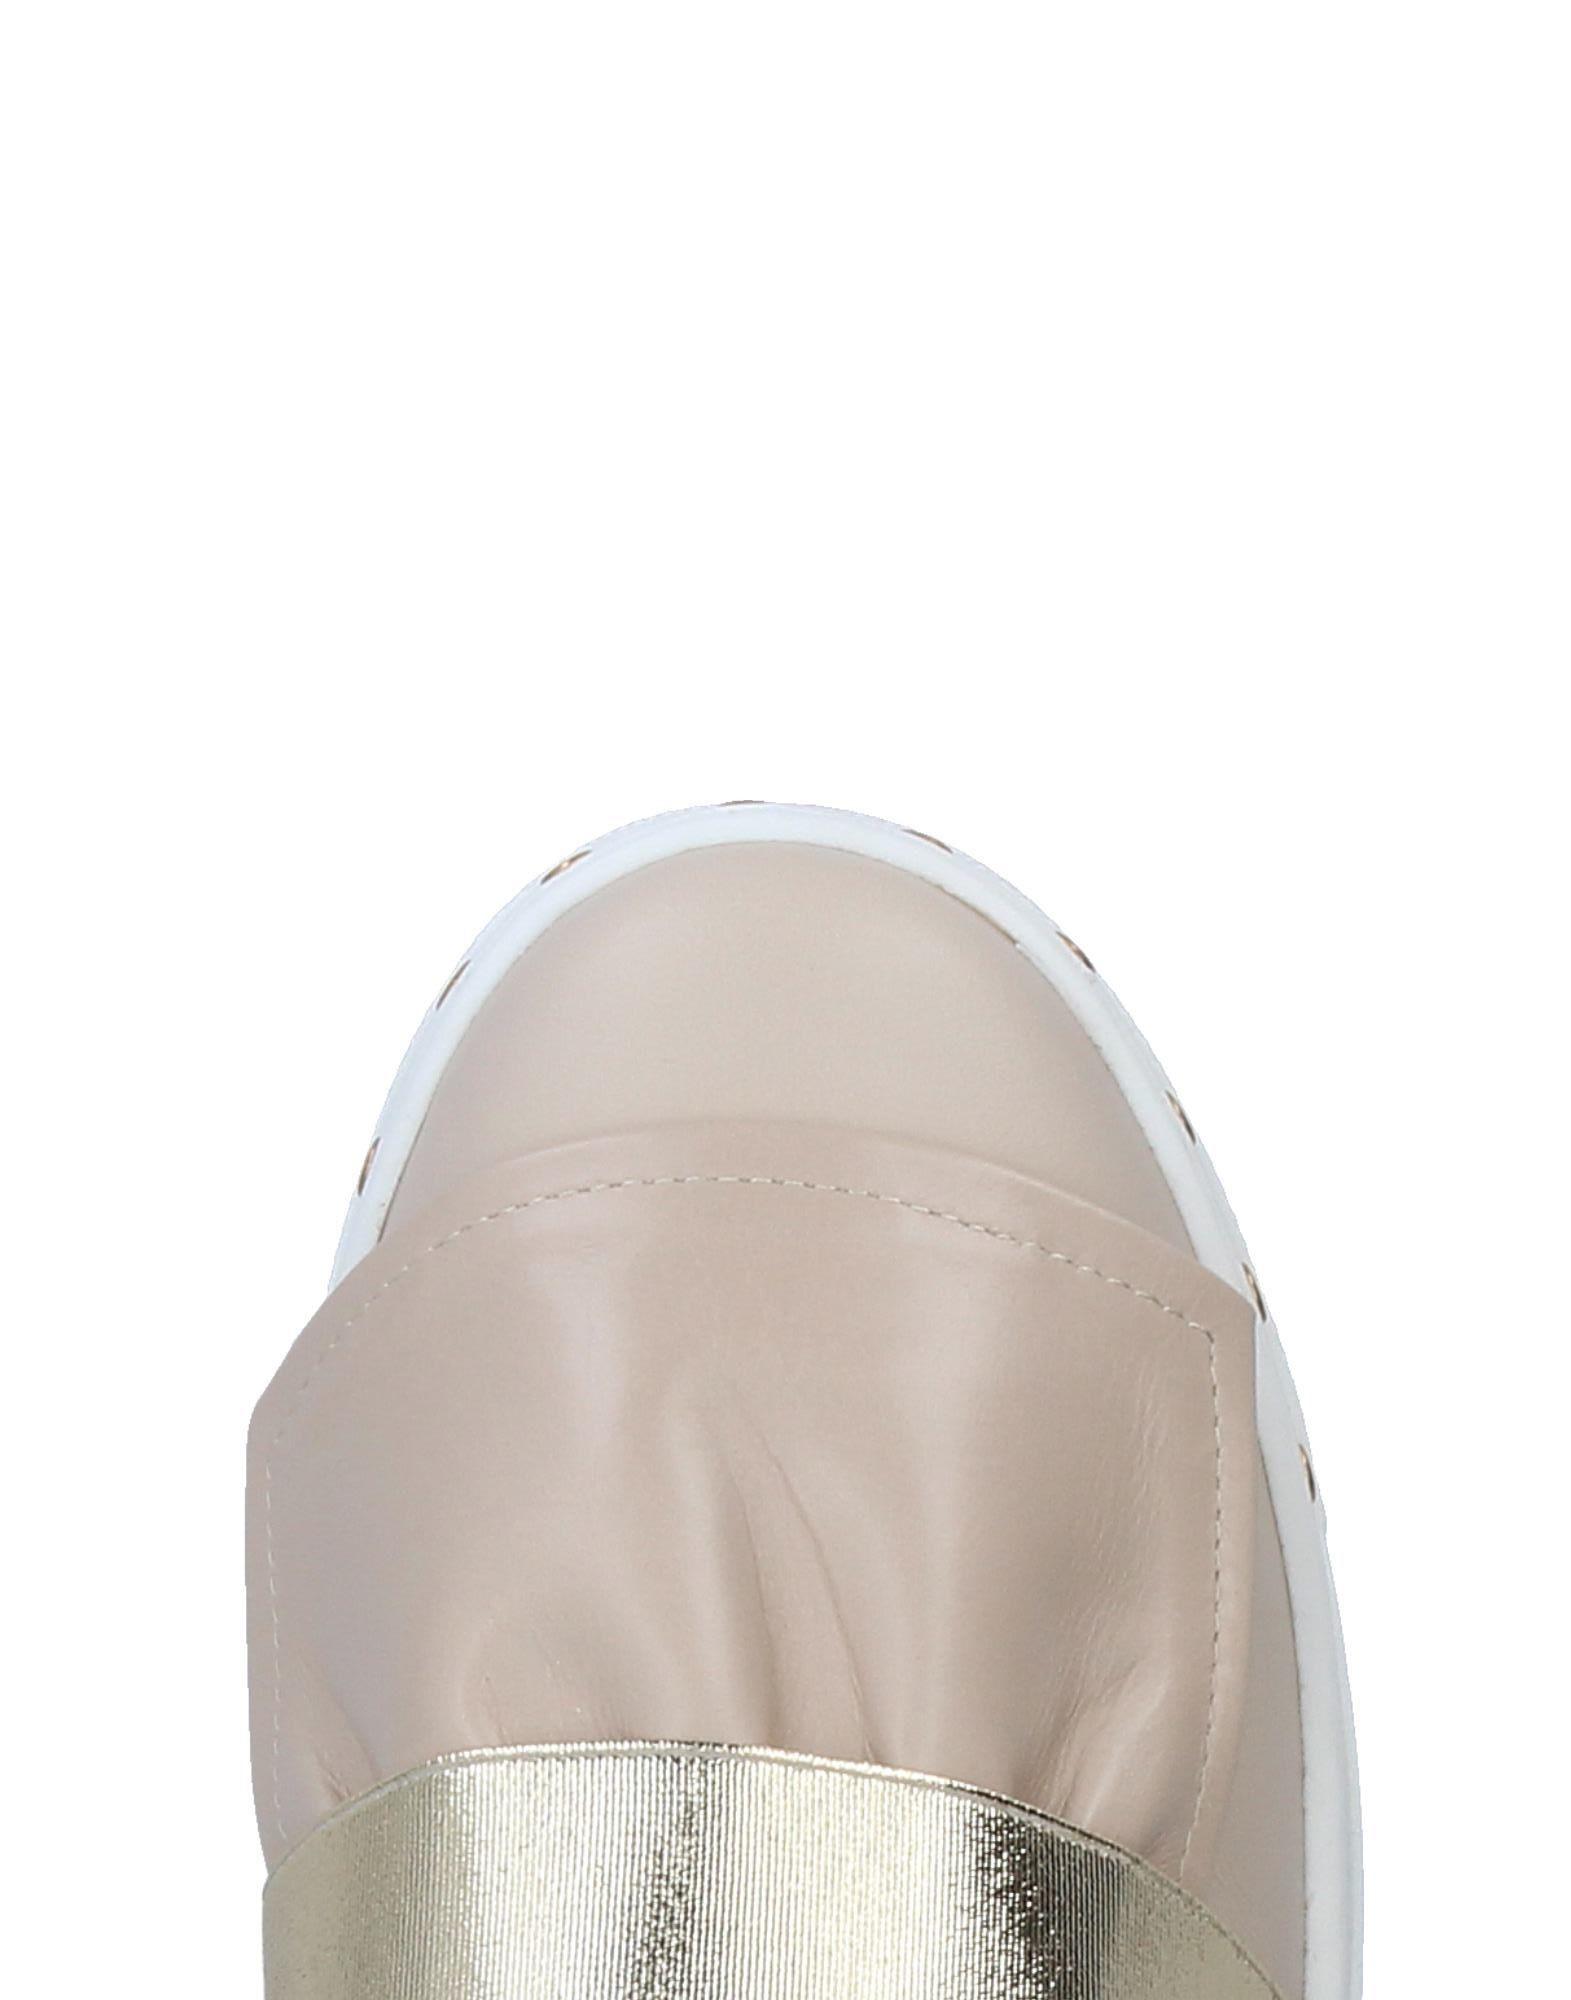 Klassischer Stil-25731,Norma J.Baker es Sneakers Damen Gutes Preis-Leistungs-Verhältnis, es J.Baker lohnt sich 0b4d86